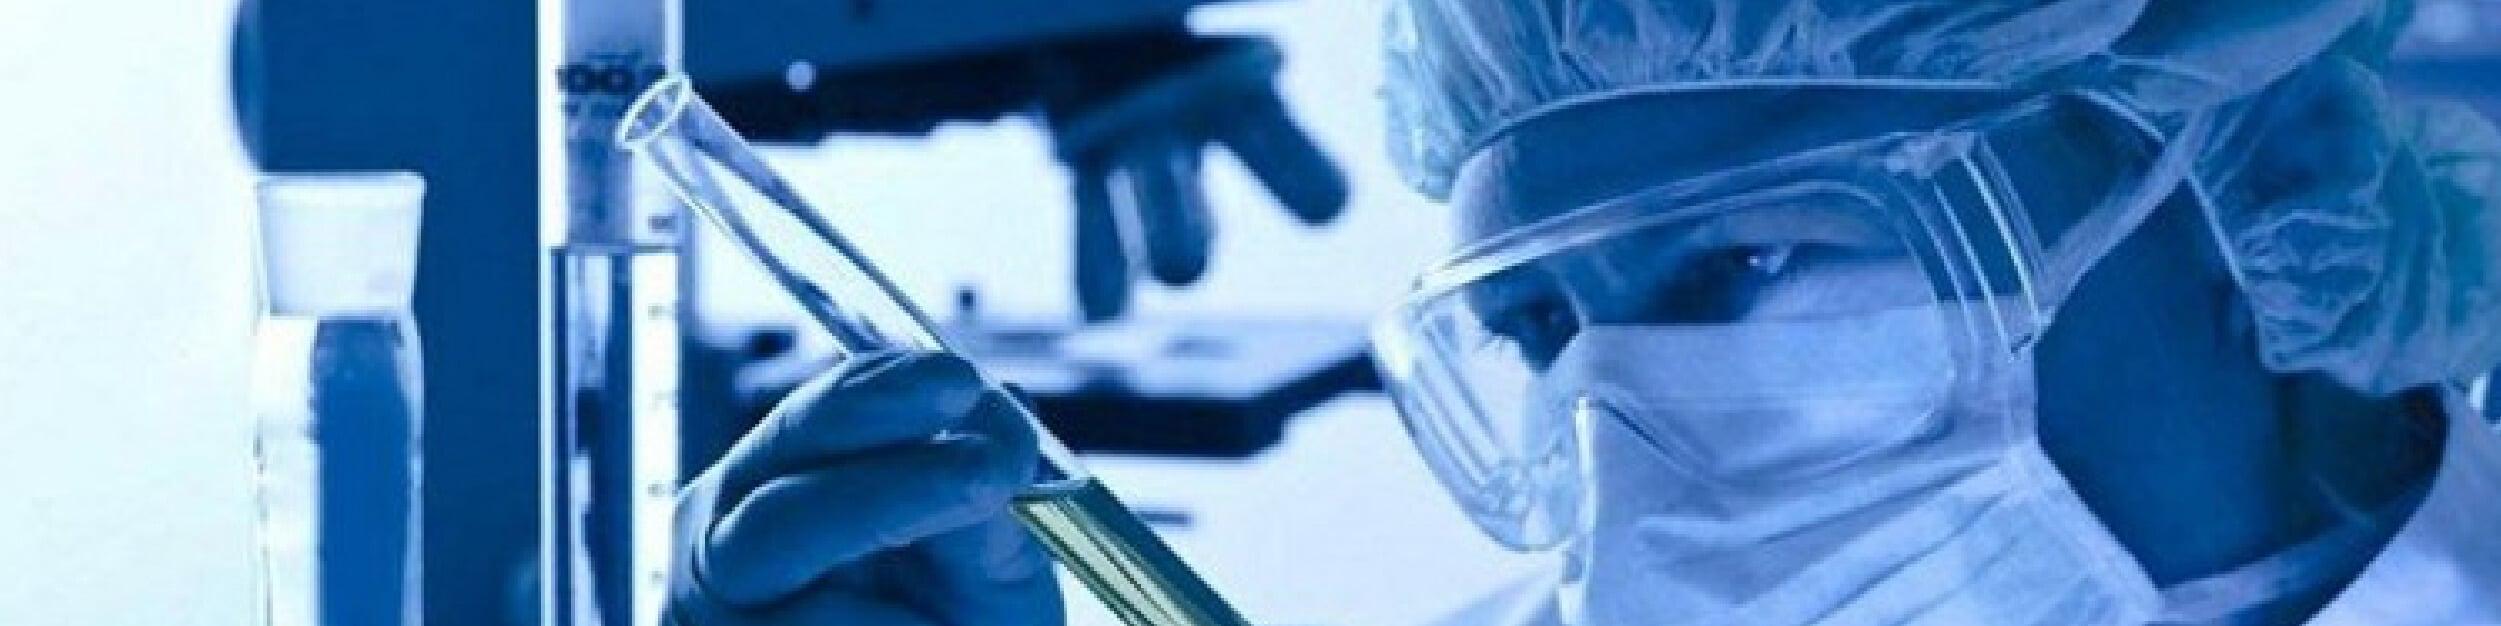 Curso Toxicología Clínica Básica